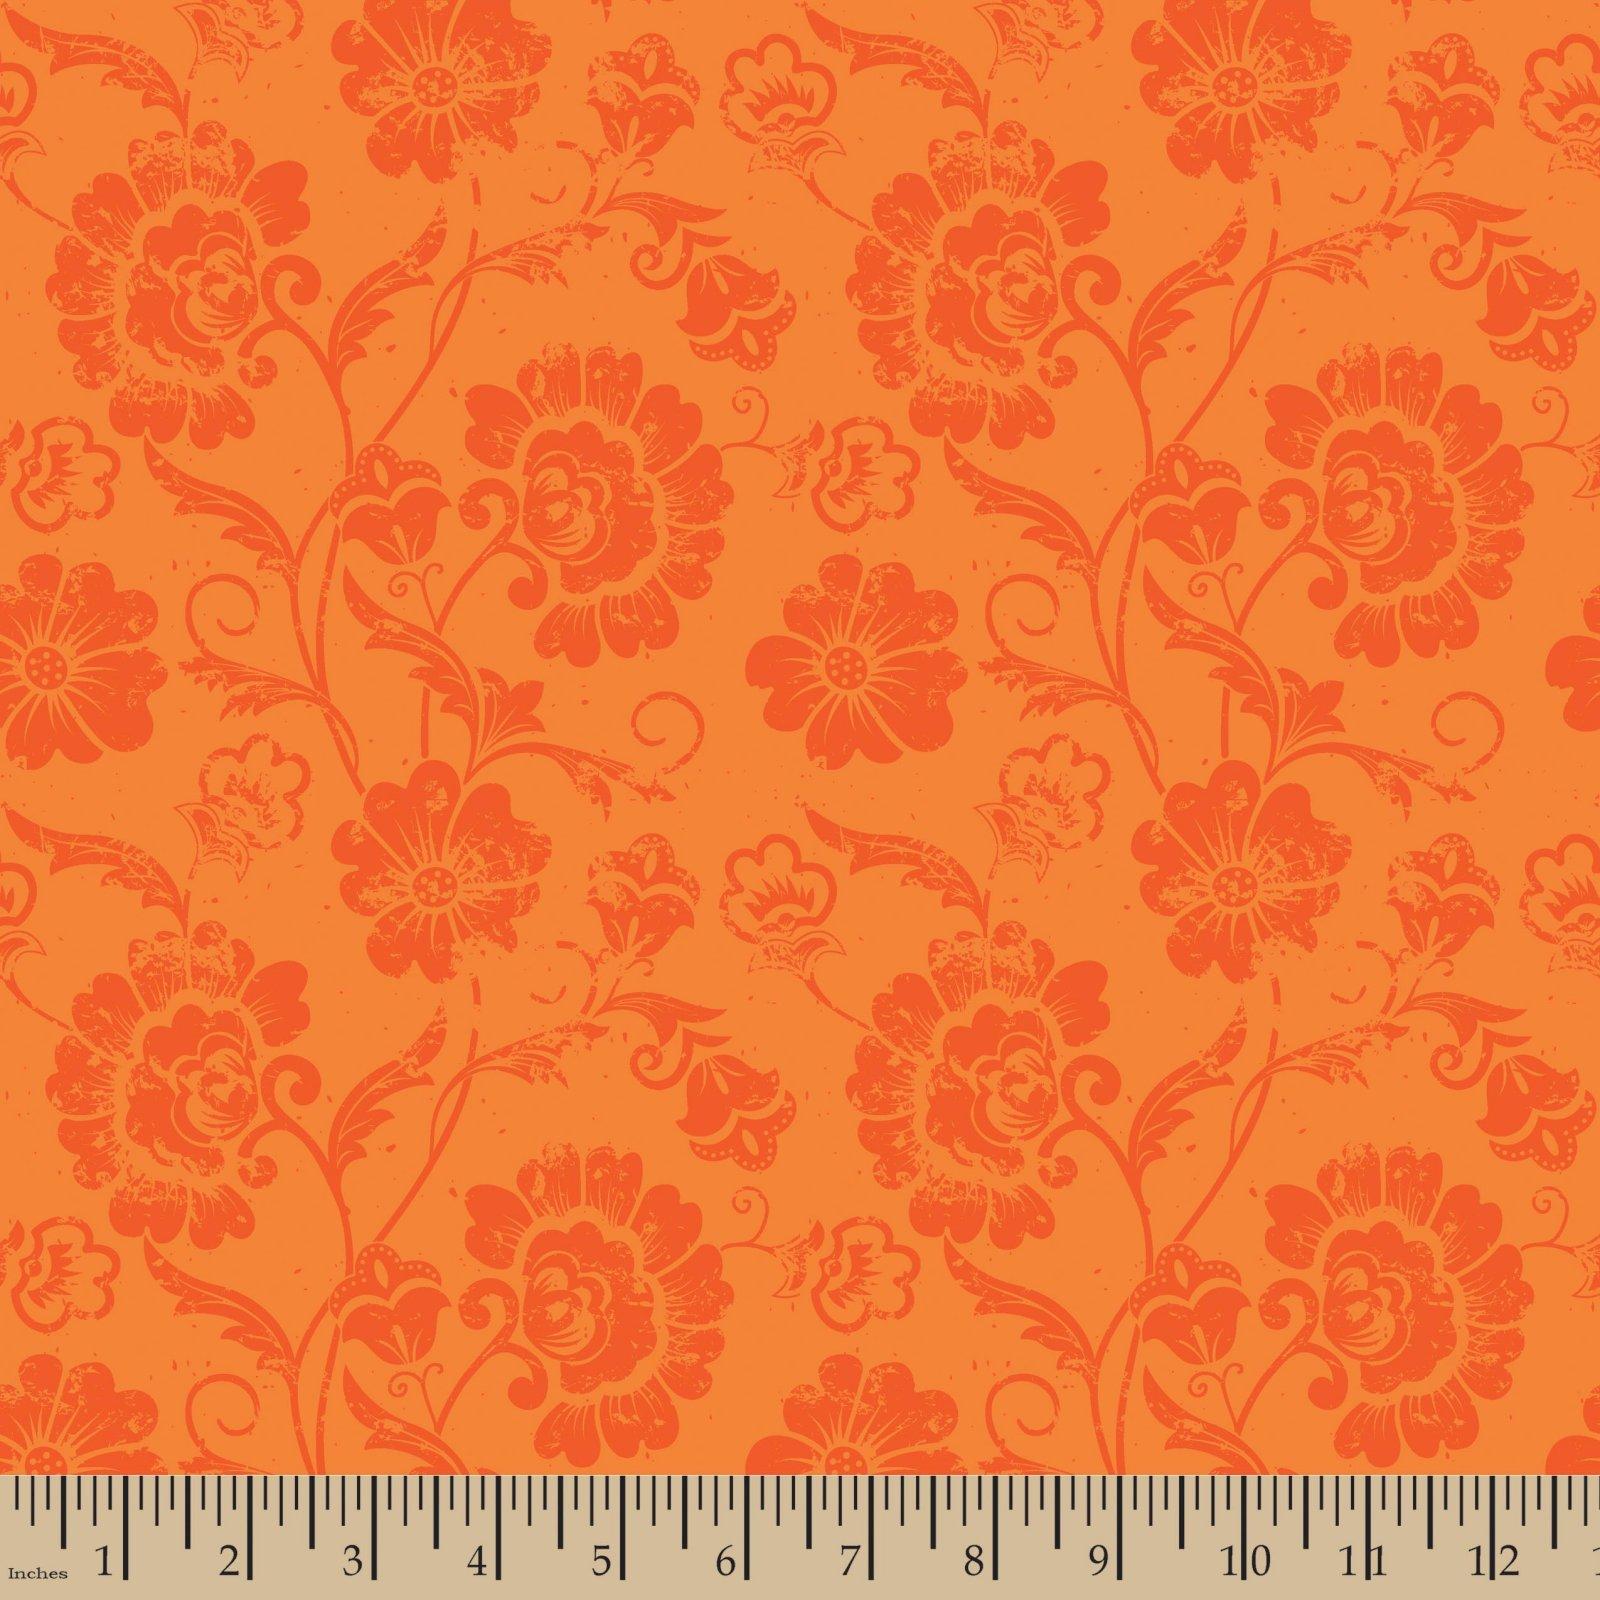 Aged Floral Orange